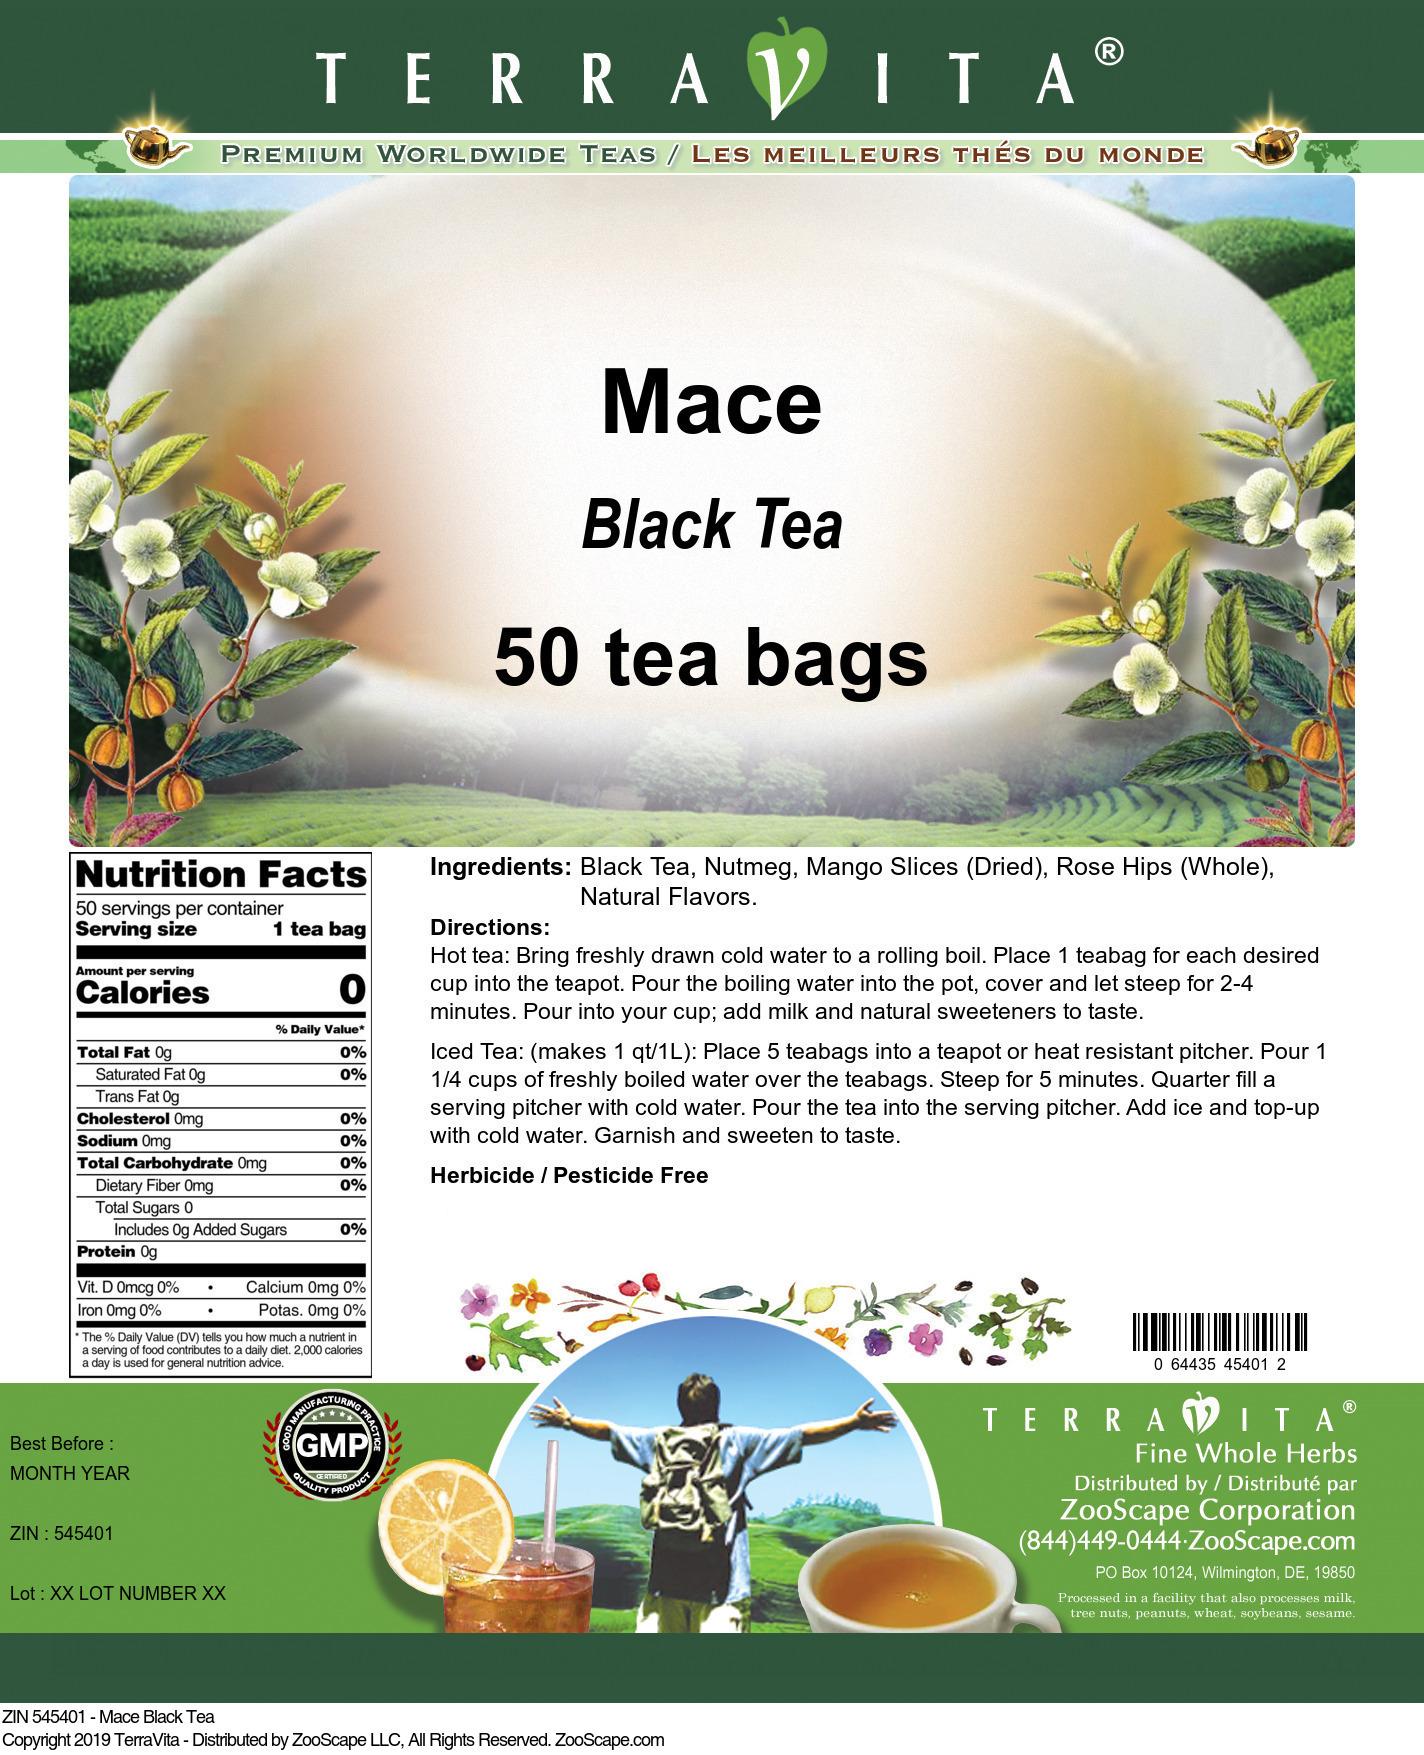 Mace Black Tea